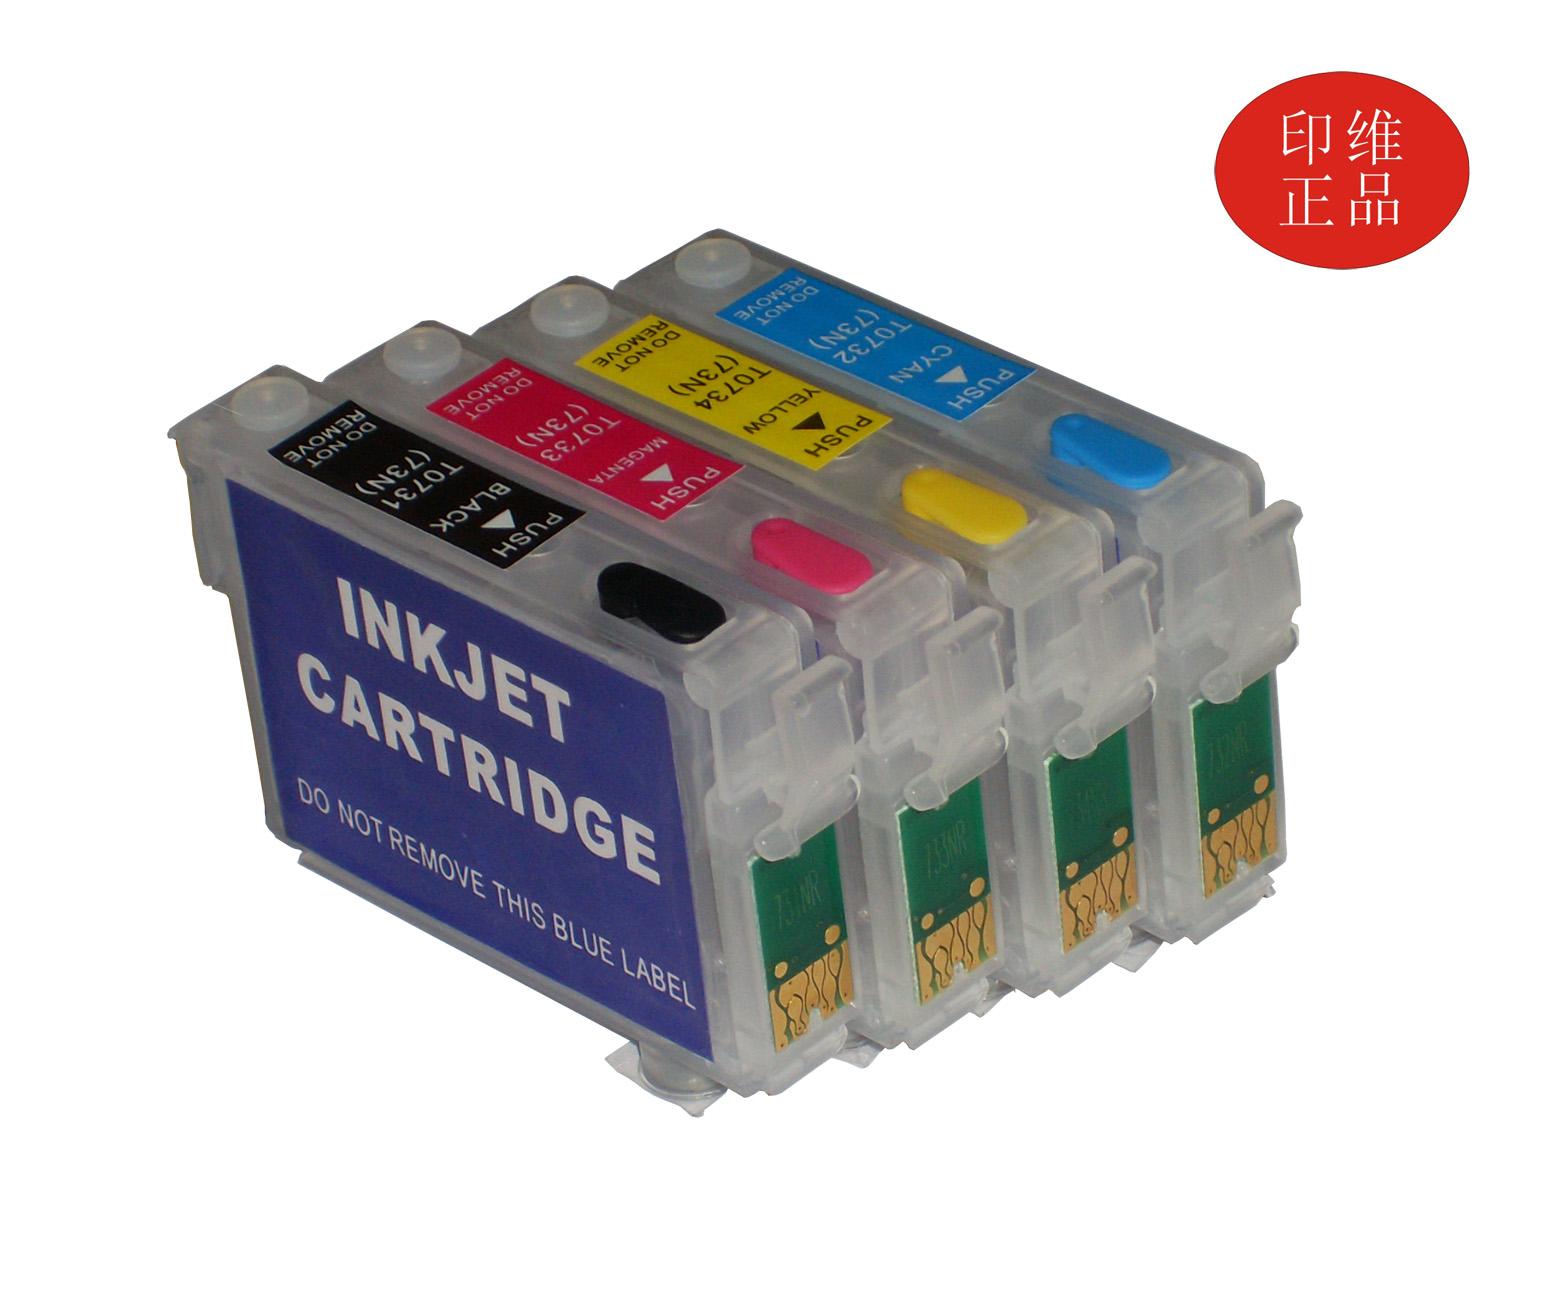 原装爱普生打印机1100墨盒EPSON ME Office 600F T1093洋红色墨水